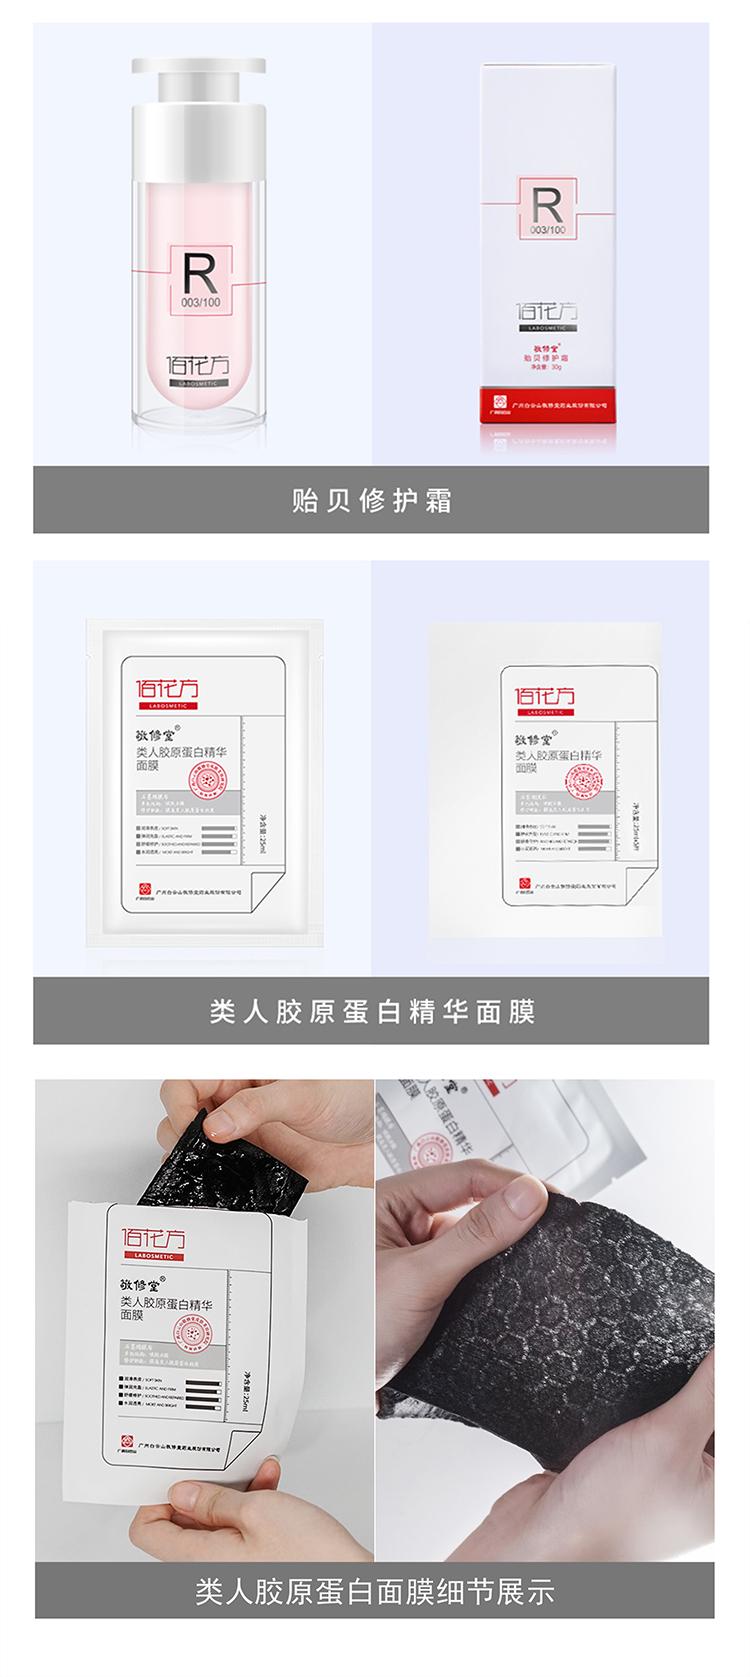 多效修护高敏红血丝套盒产品详情_09.jpg